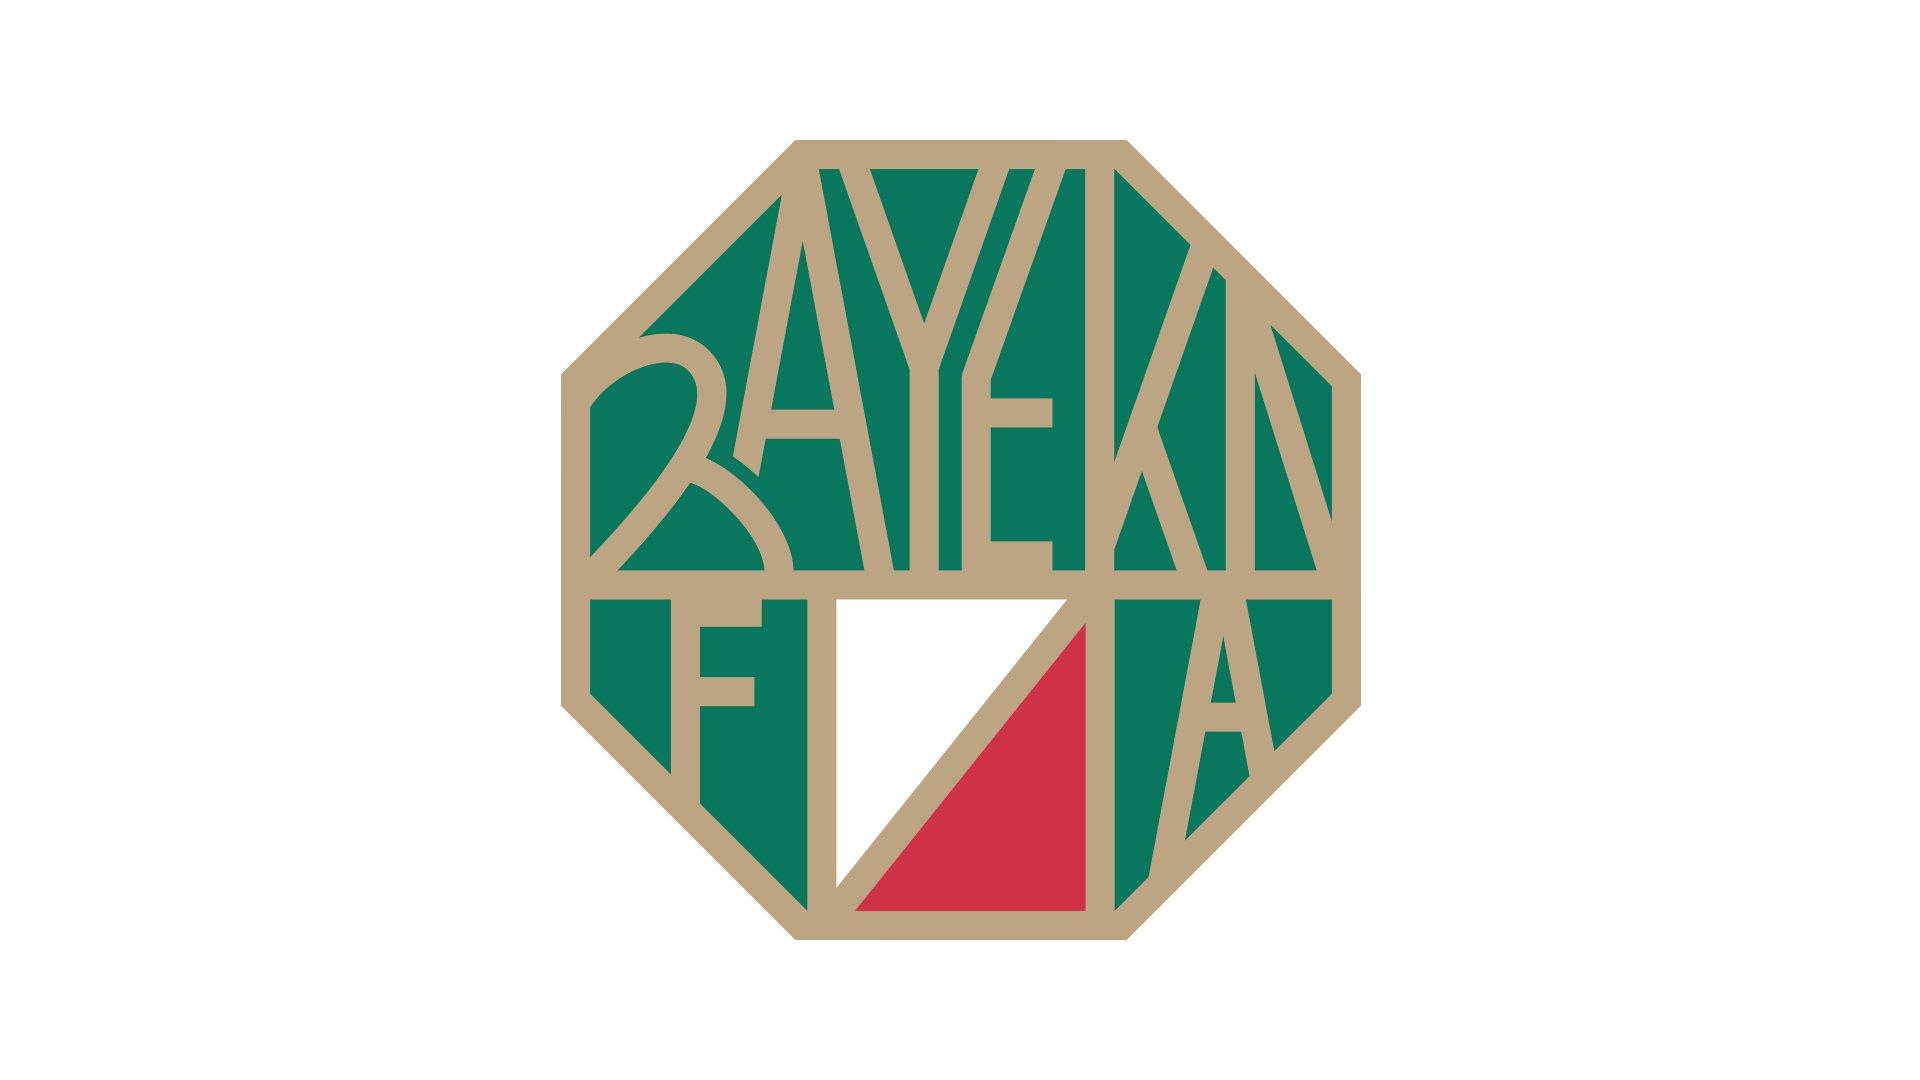 bayern m252nchen logo bayern m252nchen symbol meaning